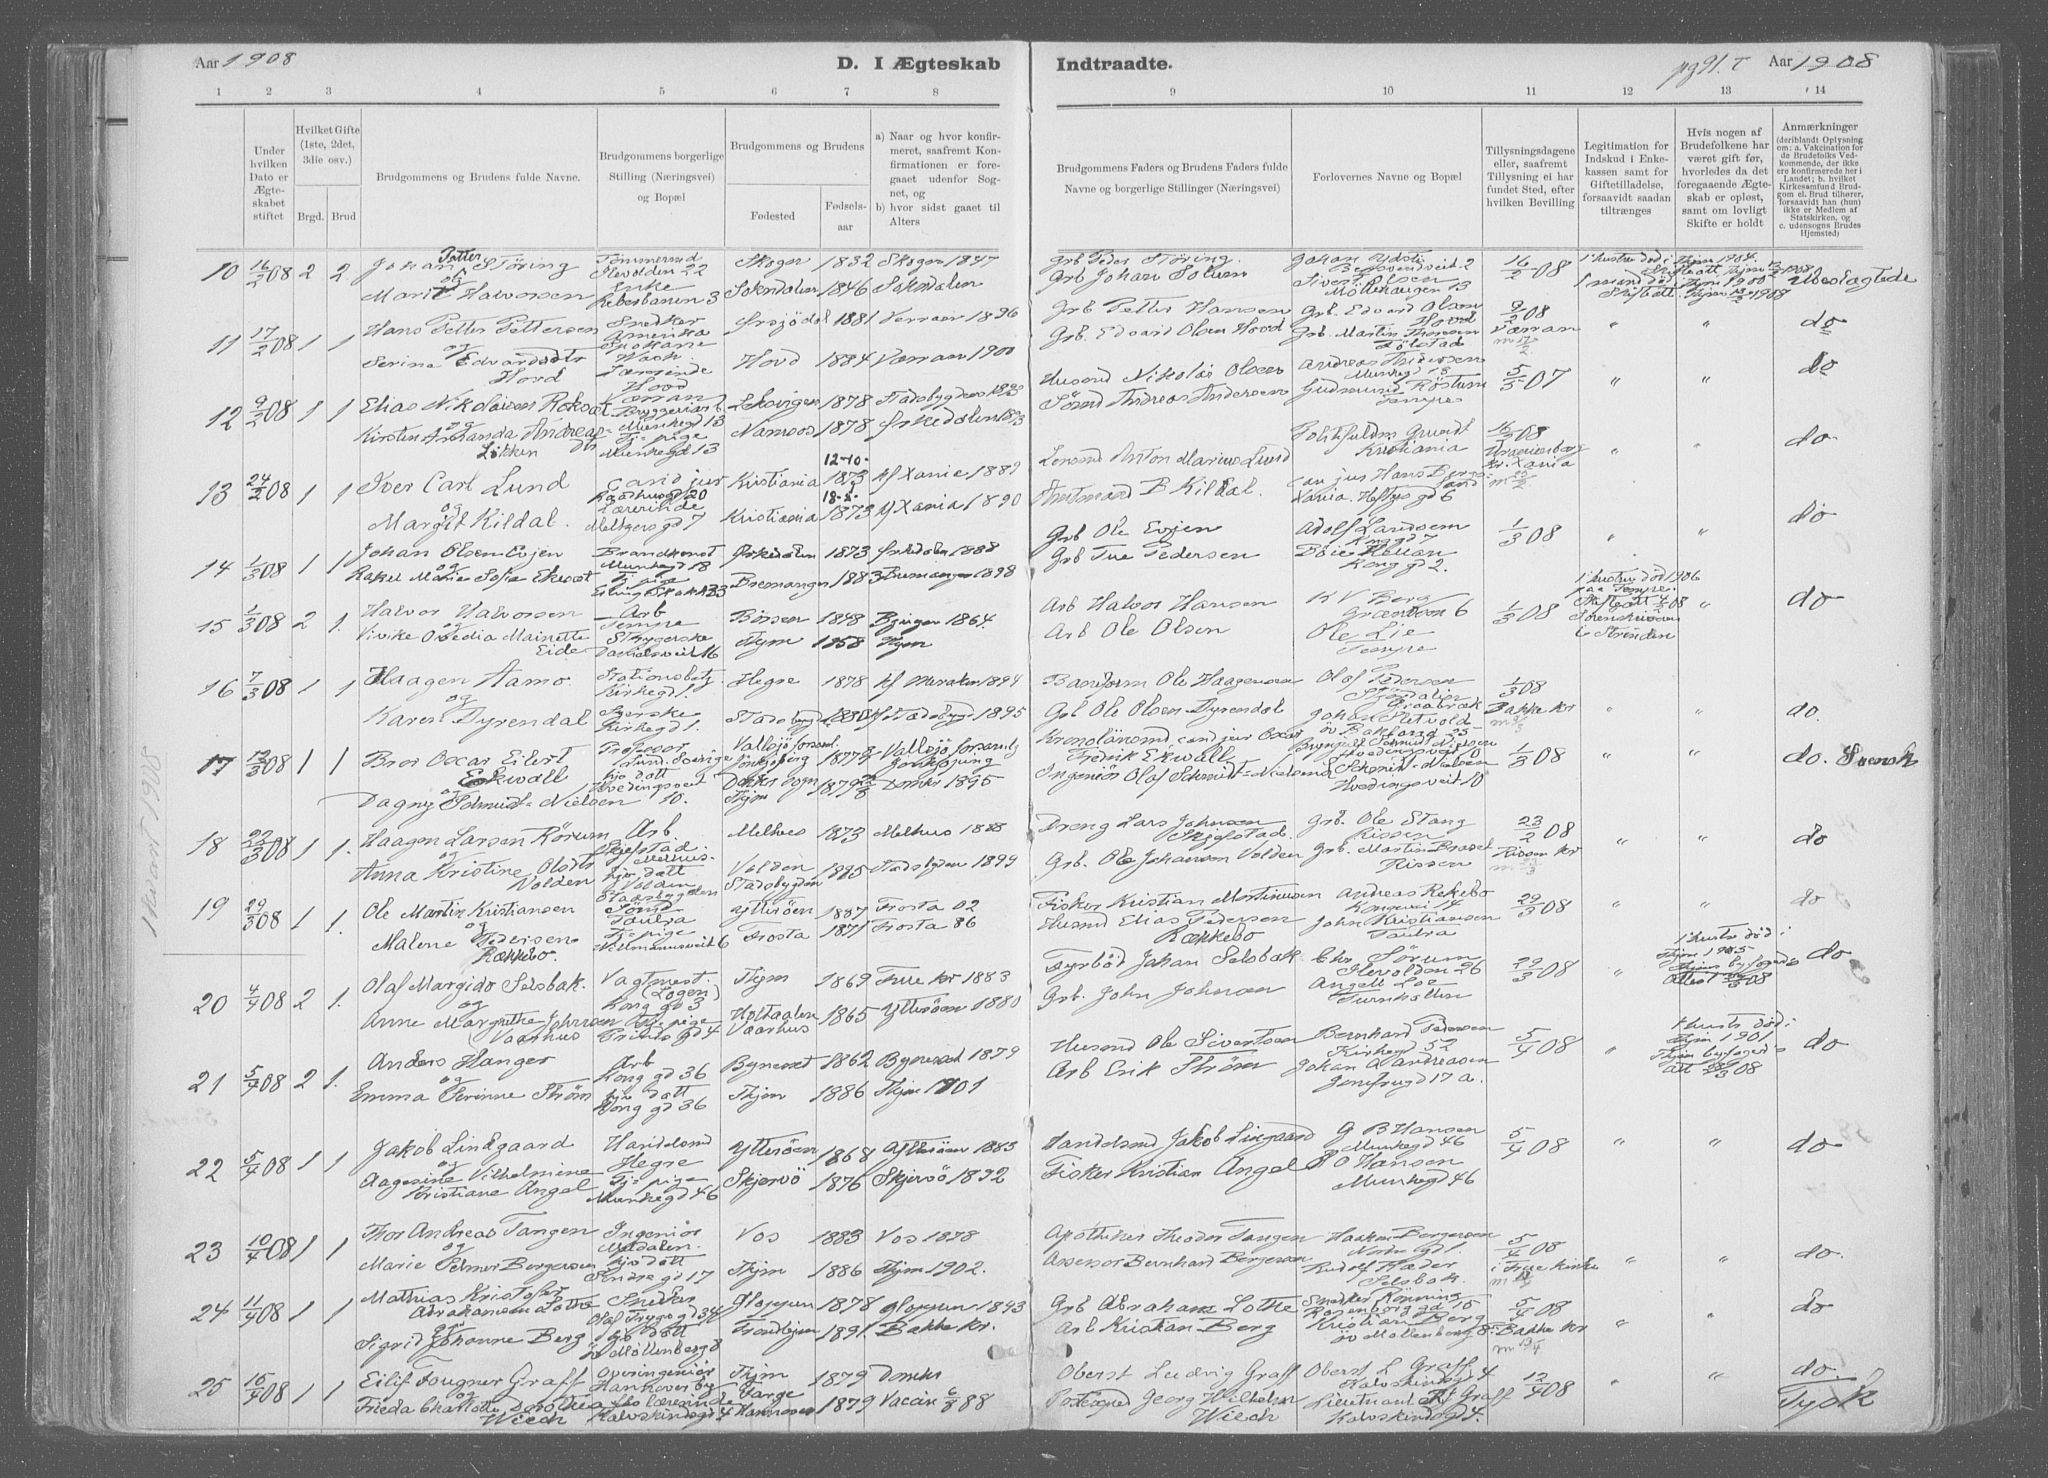 SAT, Ministerialprotokoller, klokkerbøker og fødselsregistre - Sør-Trøndelag, 601/L0064: Ministerialbok nr. 601A31, 1891-1911, s. 91